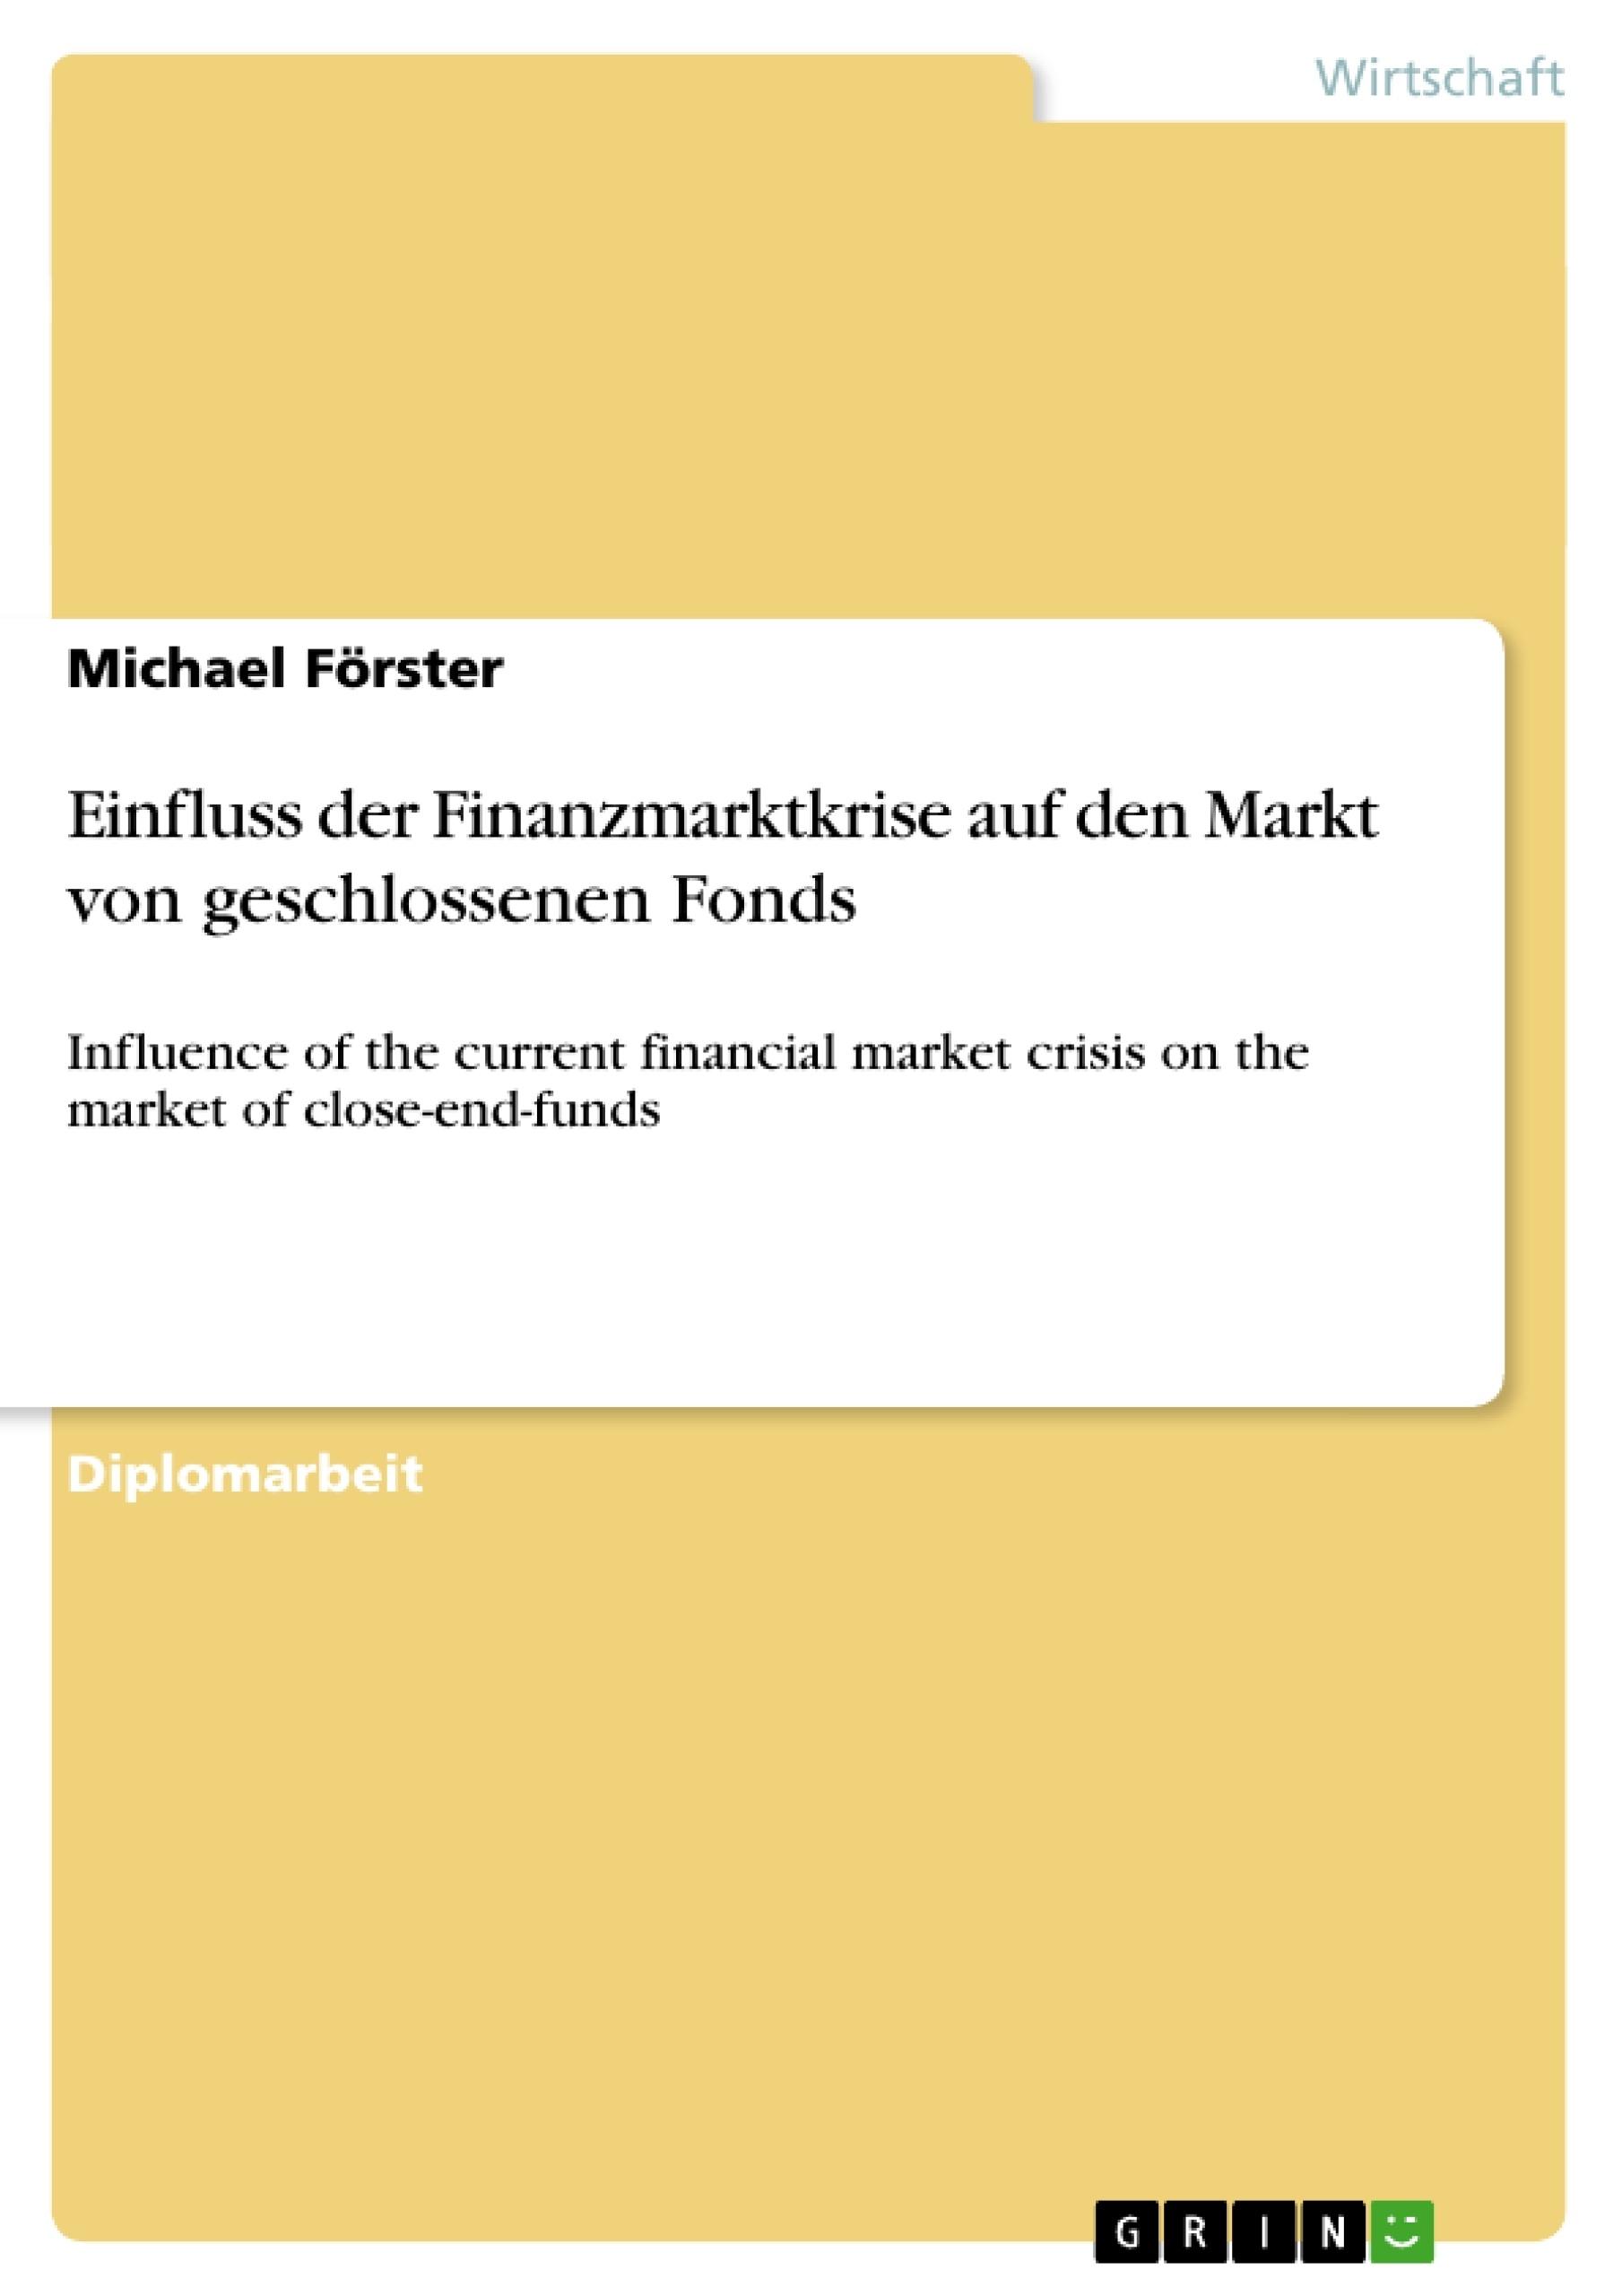 Titel: Einfluss der Finanzmarktkrise auf den Markt von geschlossenen Fonds